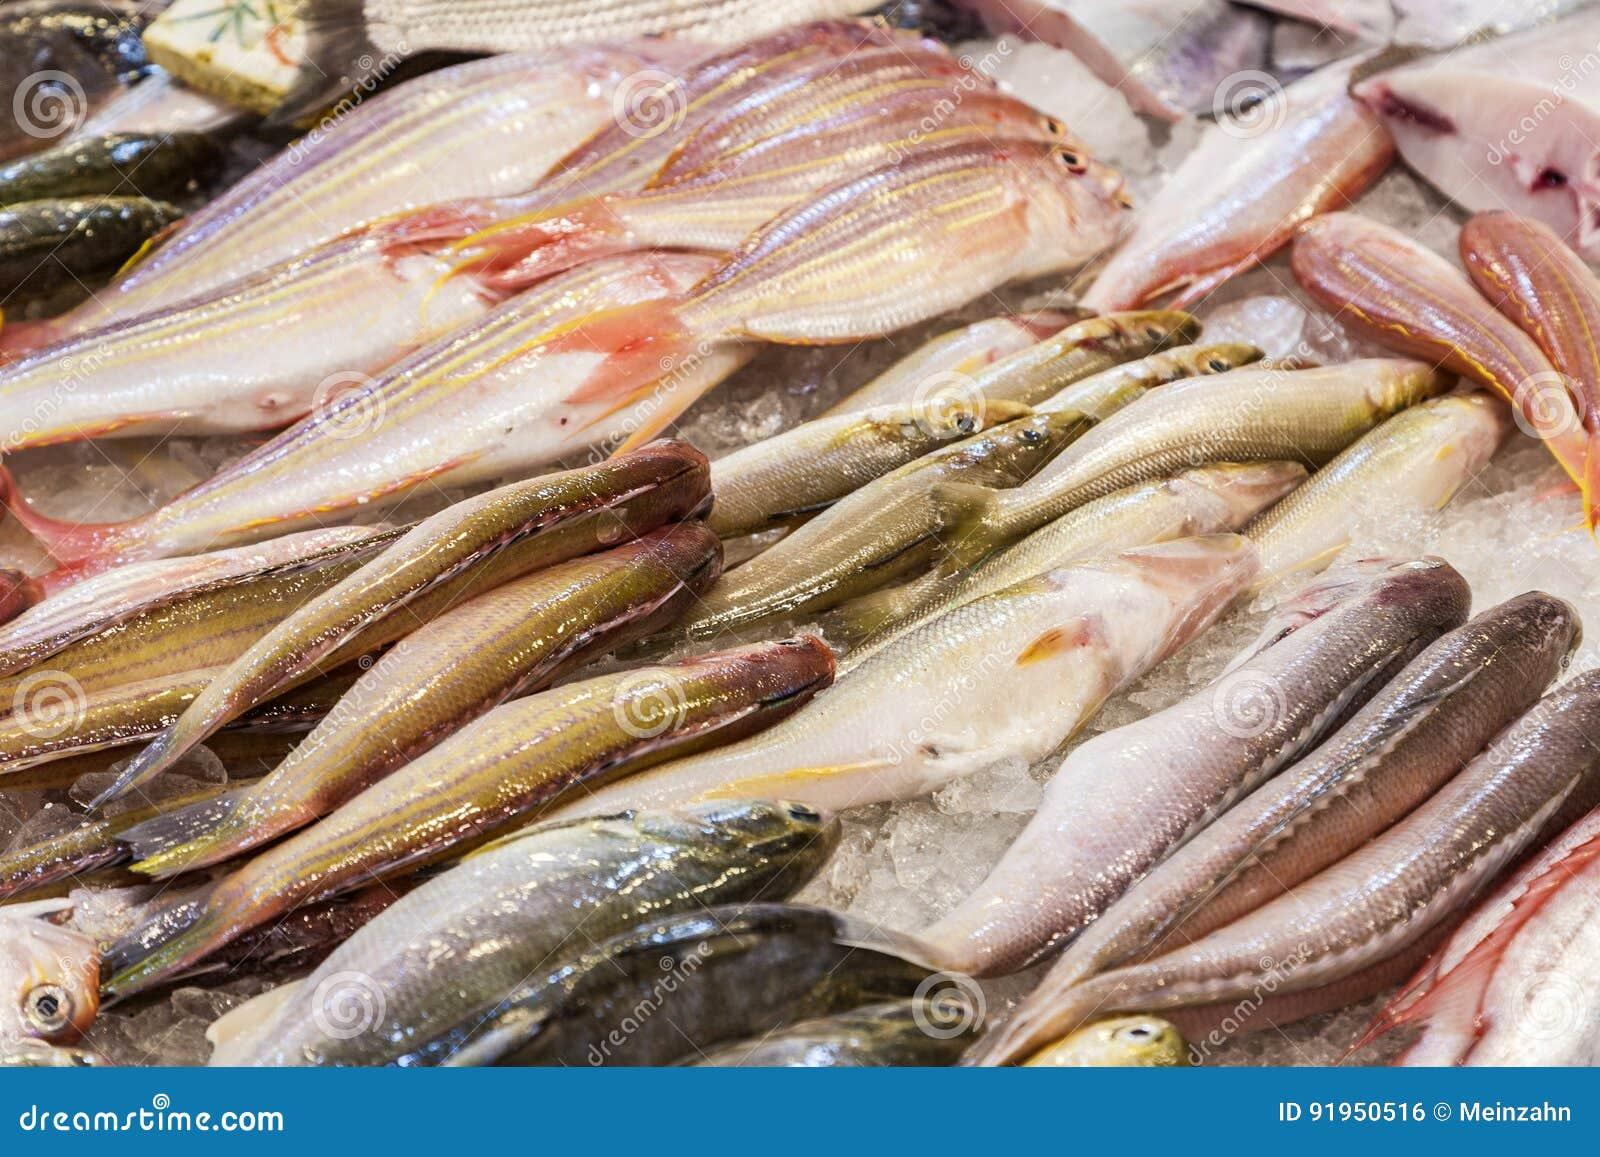 De gehele verse vissen worden aangeboden in de vissenmarkt